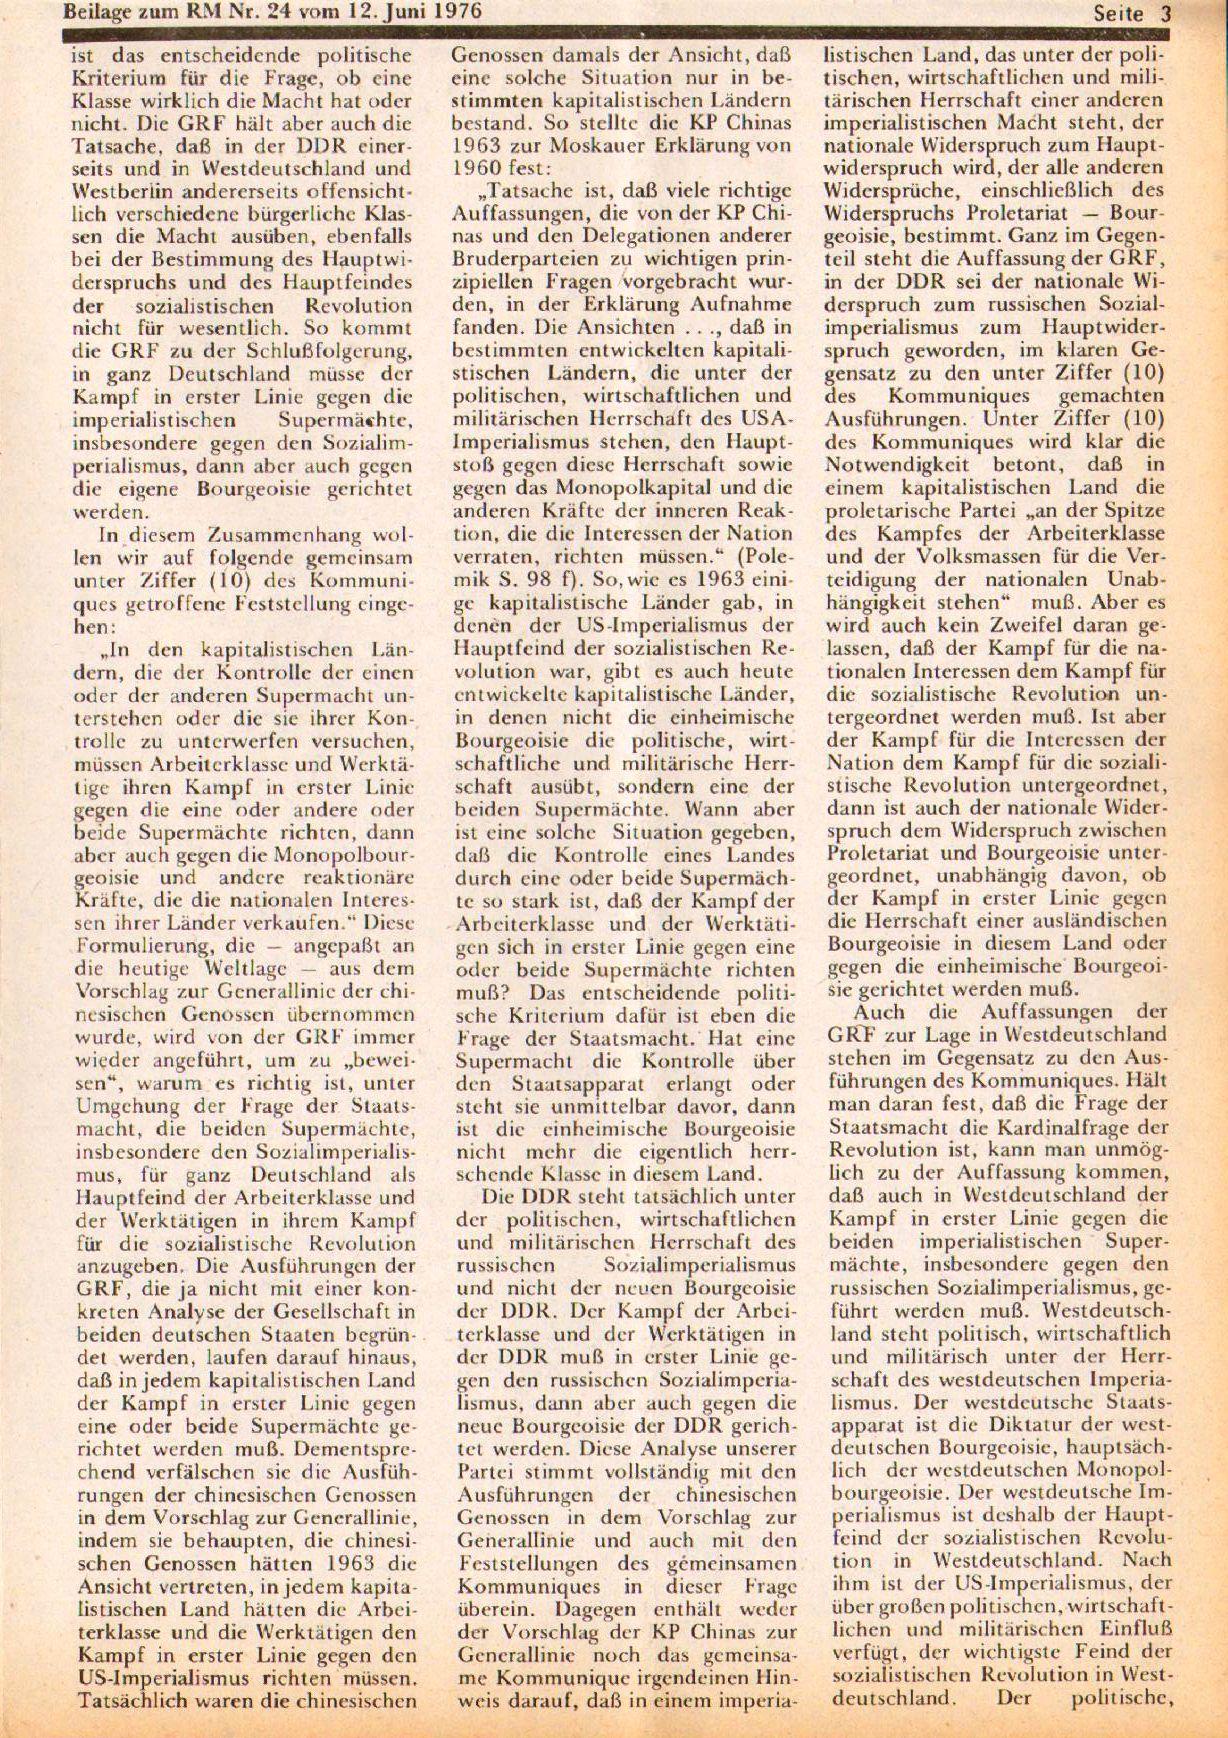 Roter Morgen, 10. Jg., 12. Juni 1976, Beilage: Zum Kommumique, Seite 3